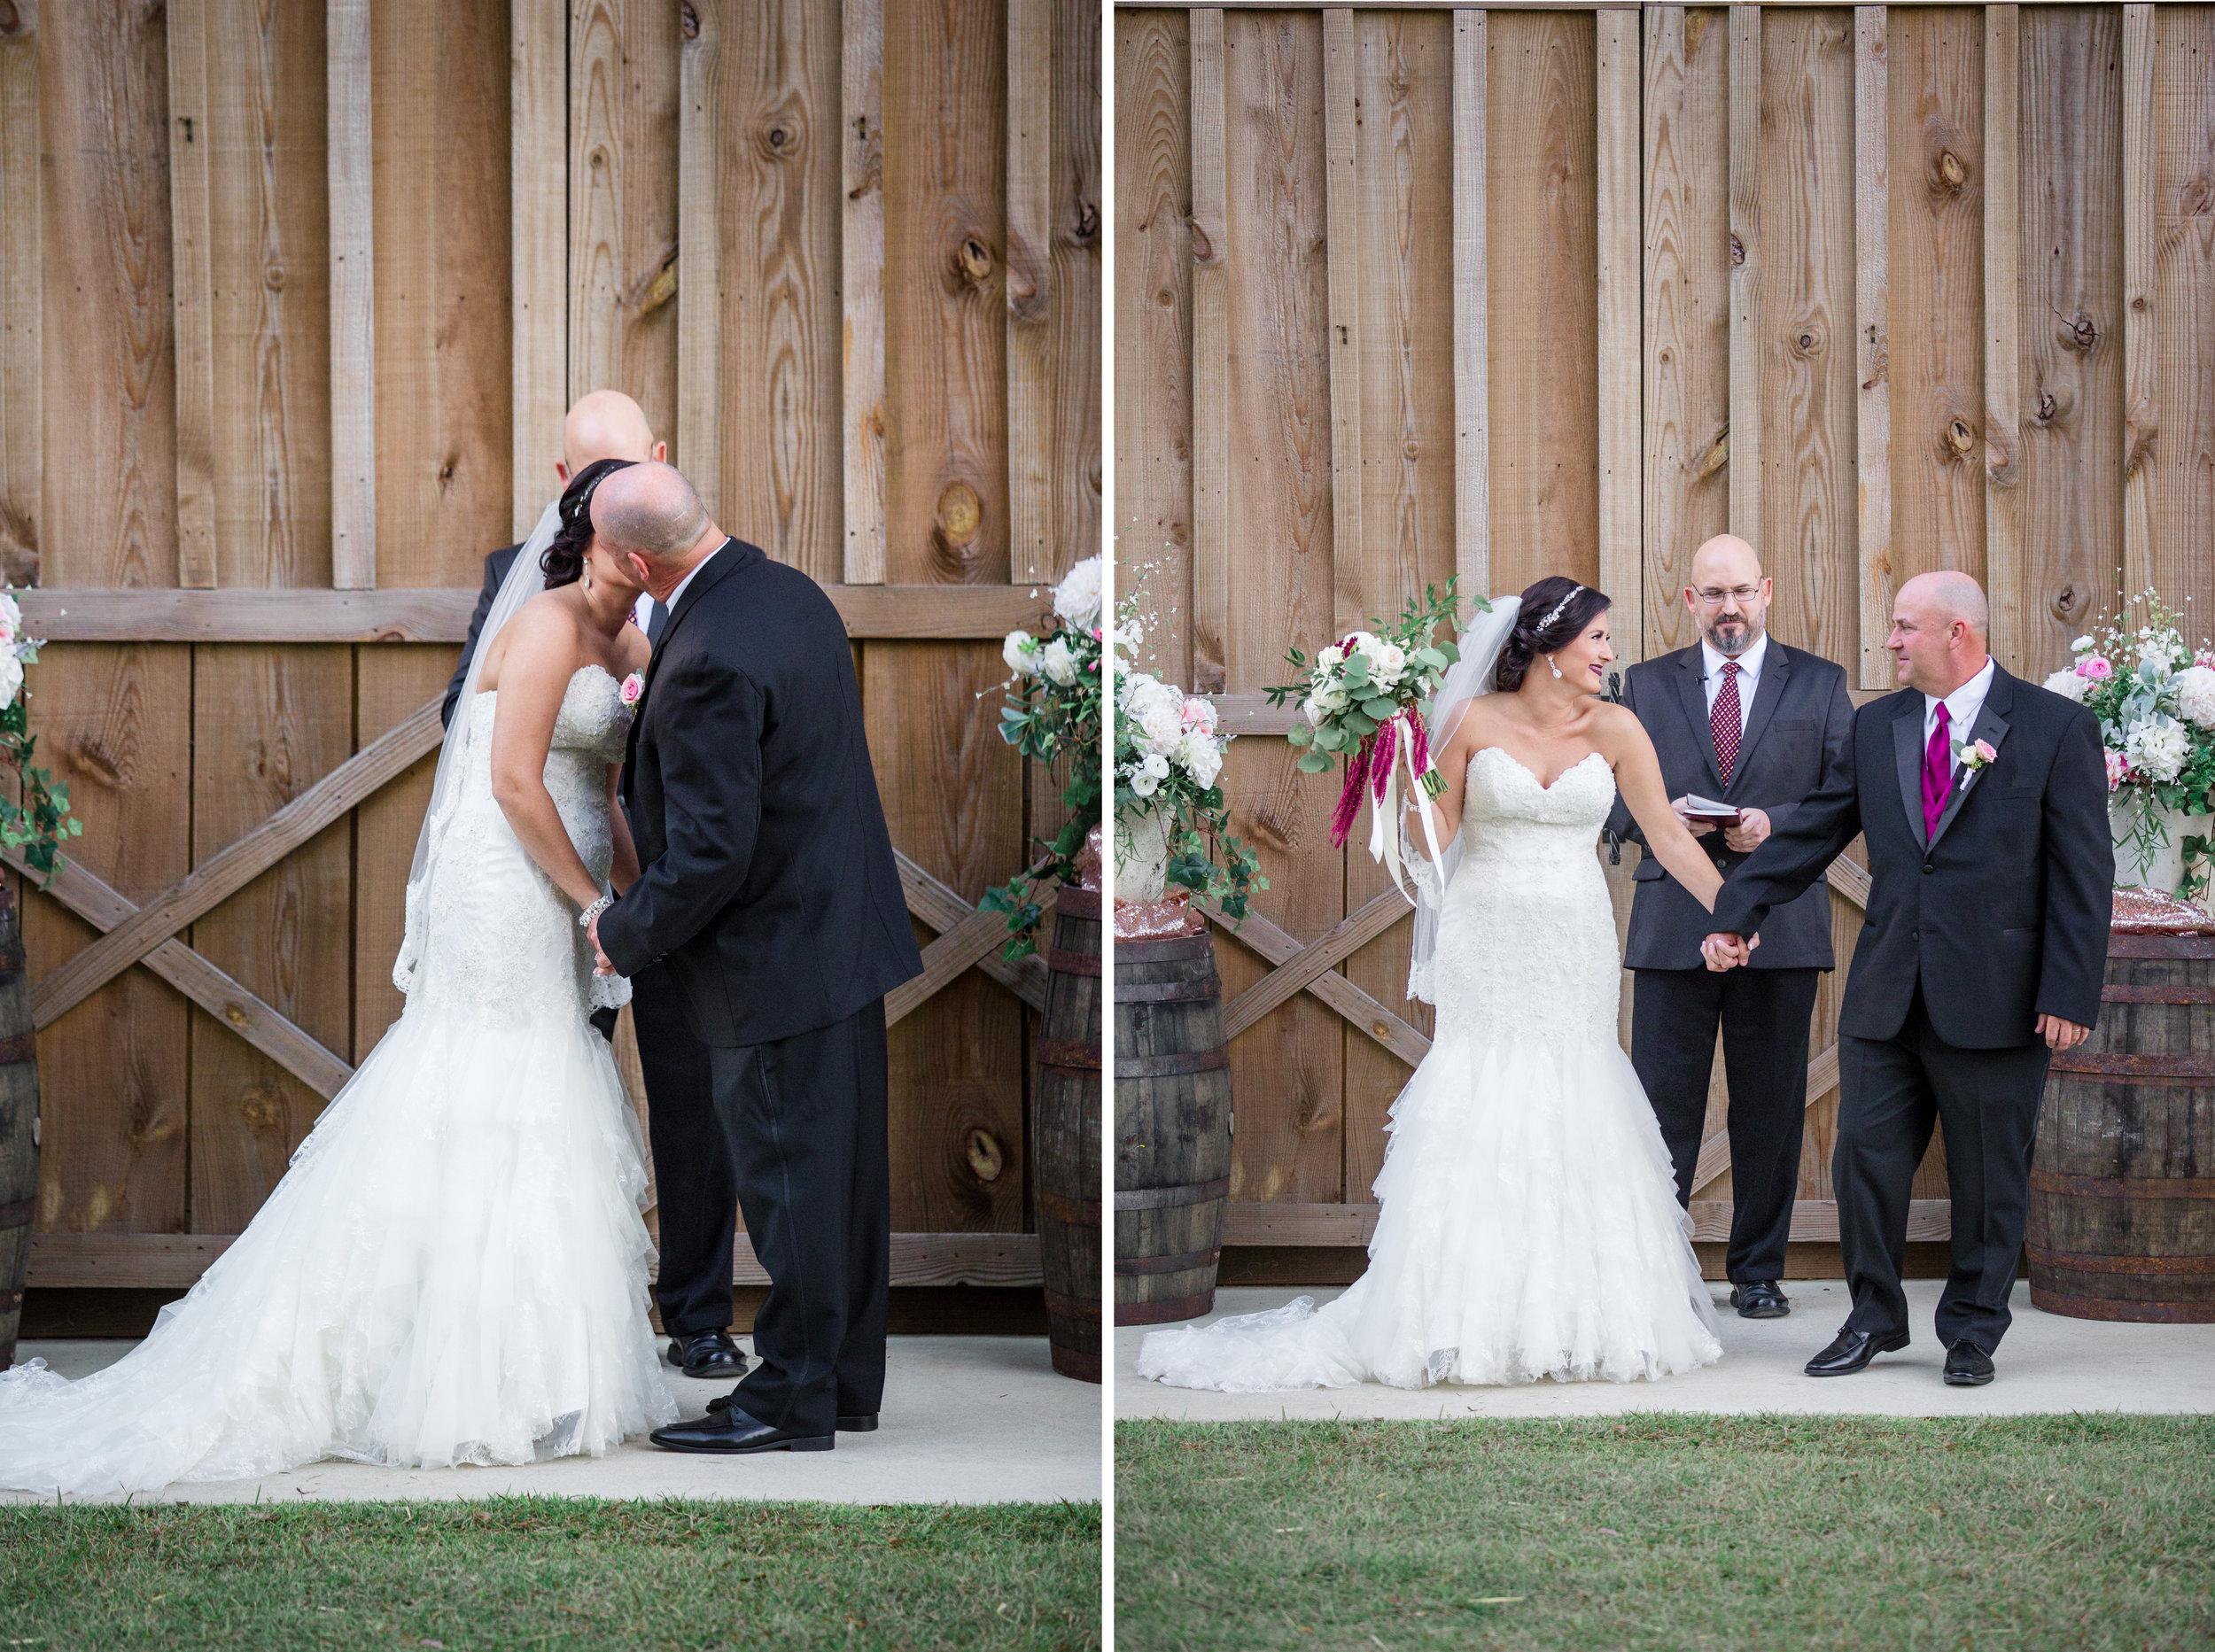 Barn-Wedding-Ates-Ranch-Wedding-Photo-Photography-Video-Videography-Pensacola-Florida-Courtney-Clint-33.jpg